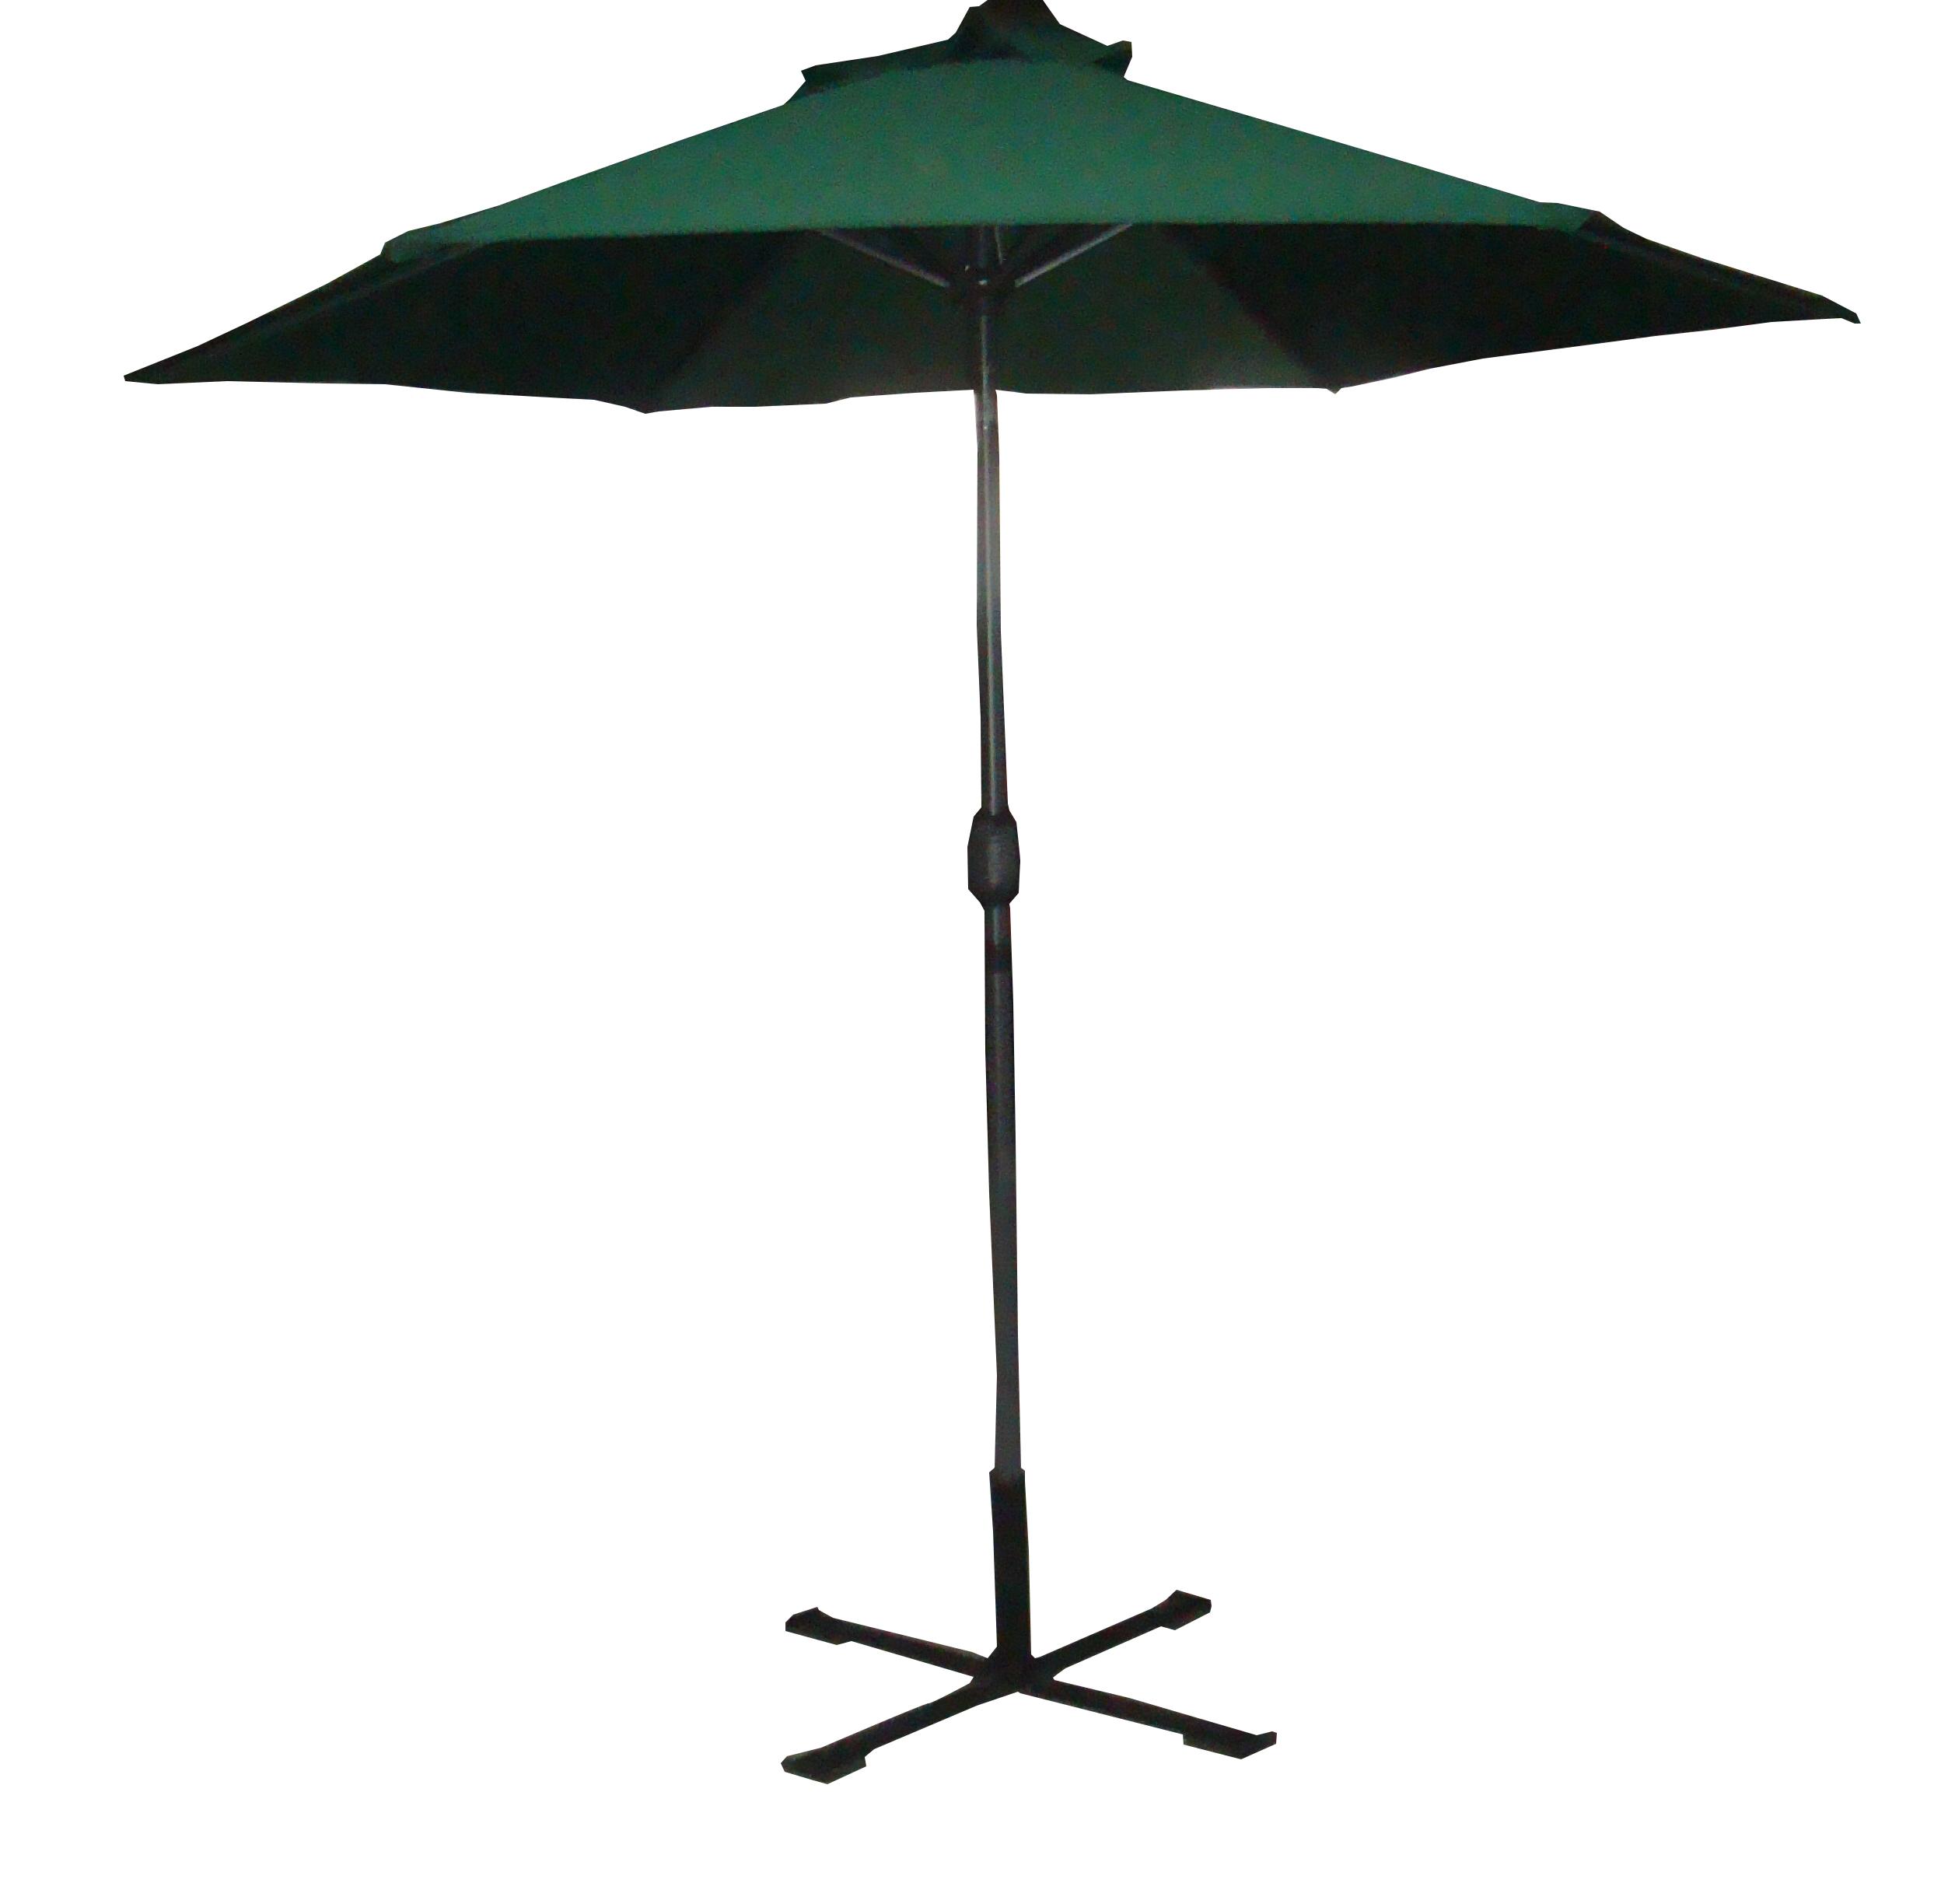 Palm springs 9ft aluminium outdoor patio umbrella garden for Outdoor patio umbrellas